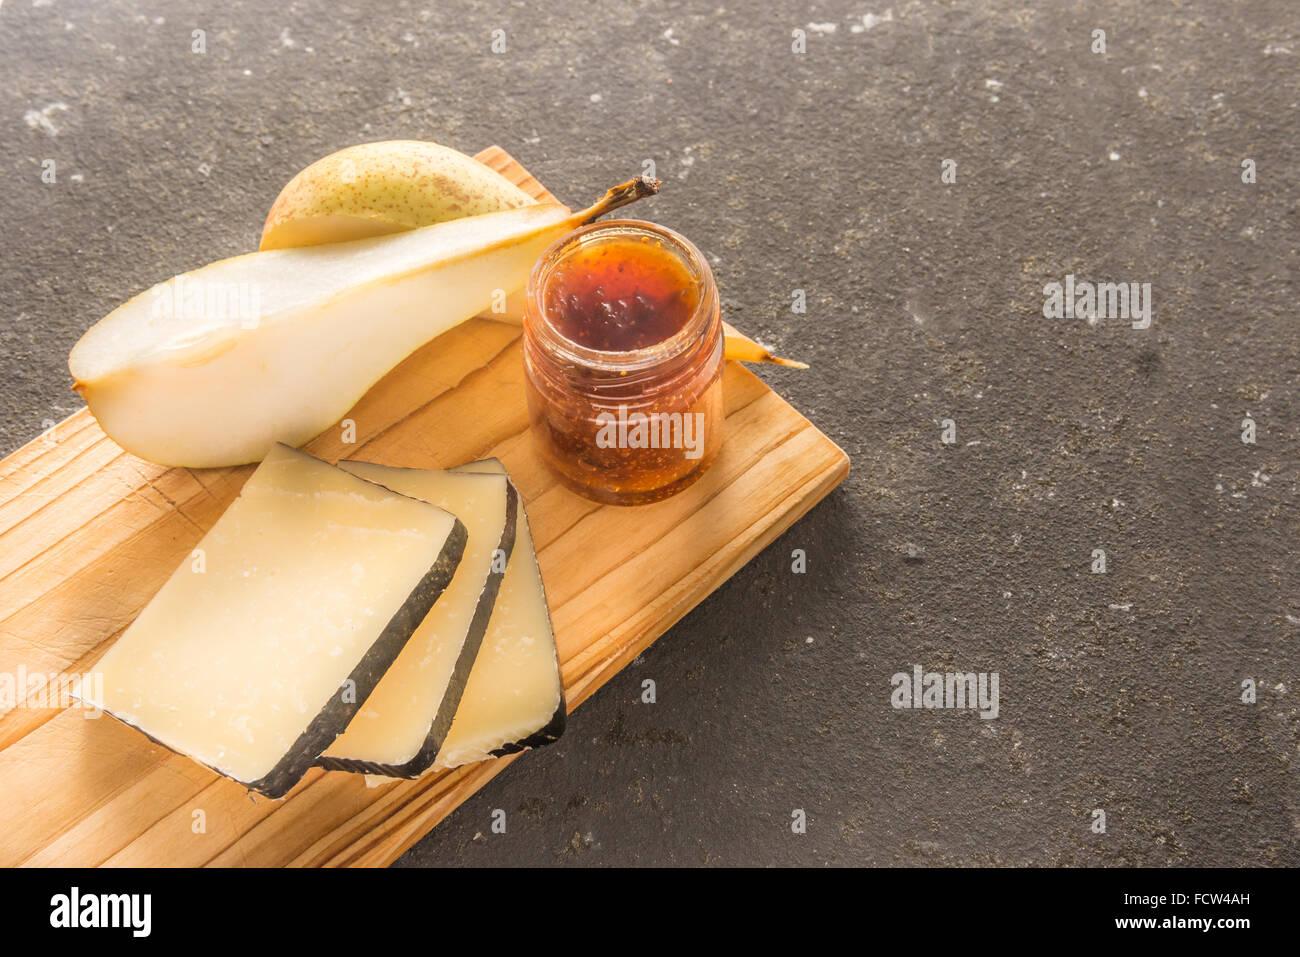 Una composición de italiano queso pecorino rodajas con mermelada y peras sobre una tabla de cortar de madera Imagen De Stock